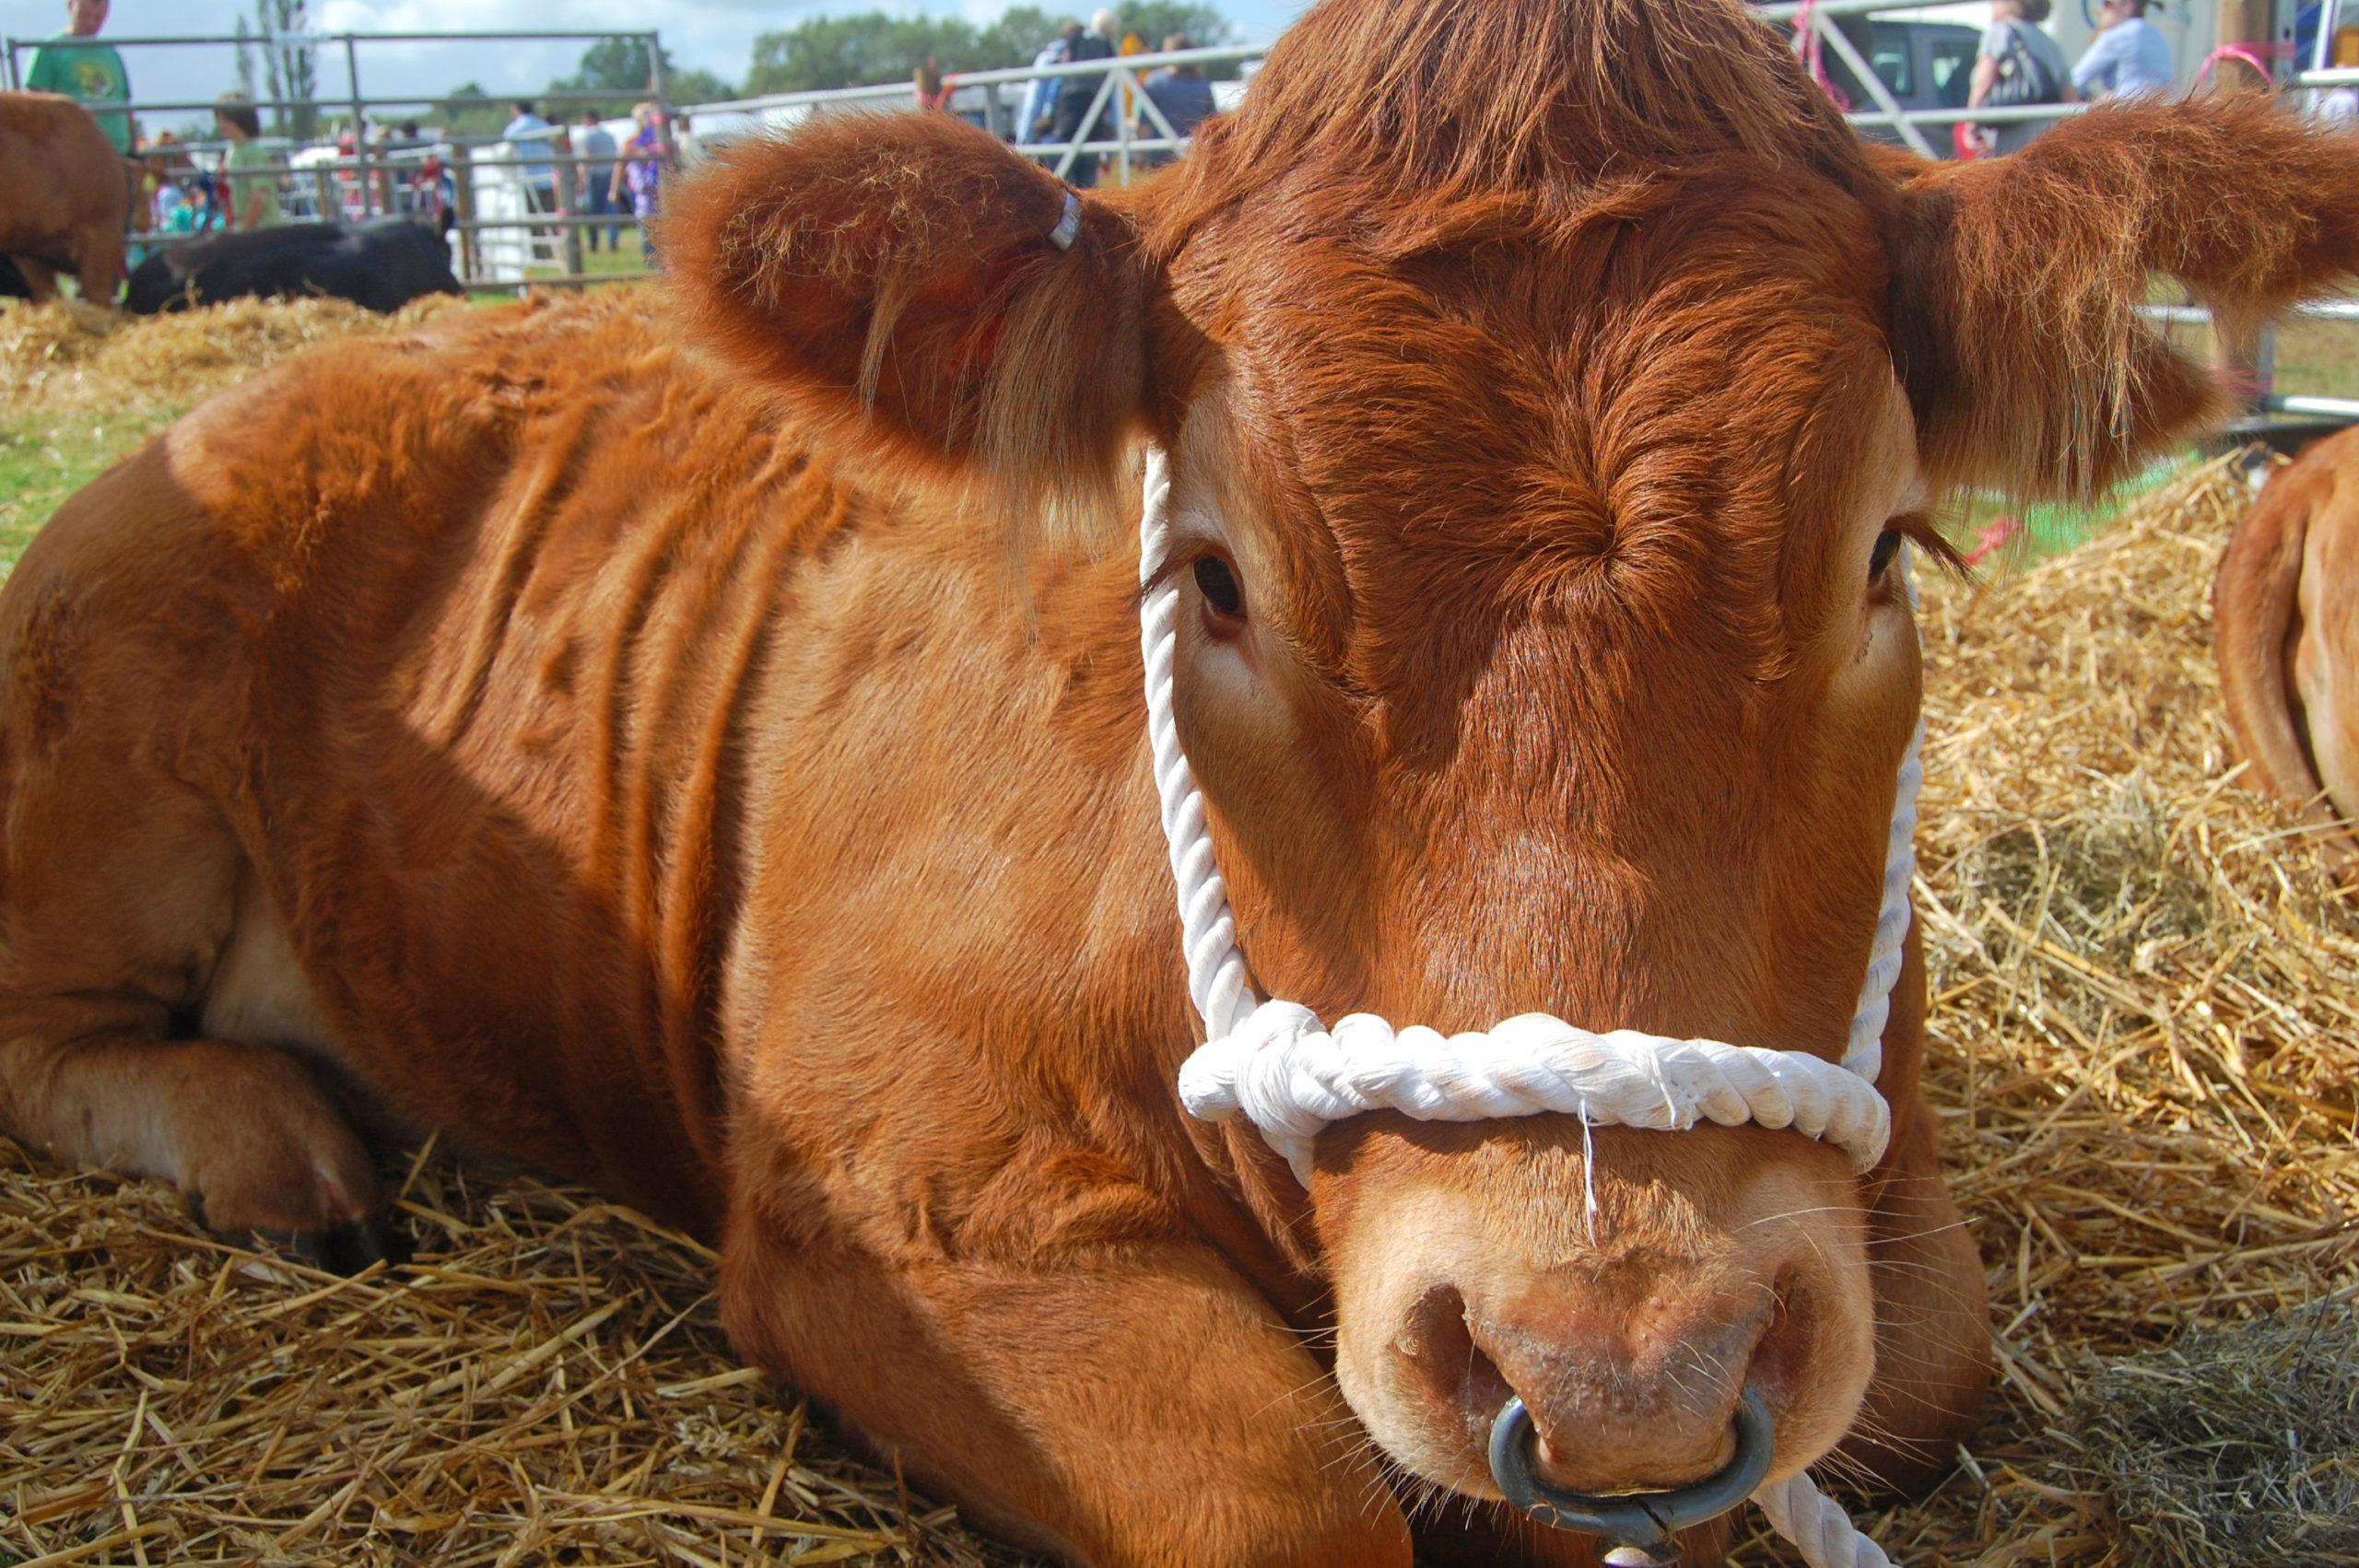 Bull lying down at country show - TB Hub